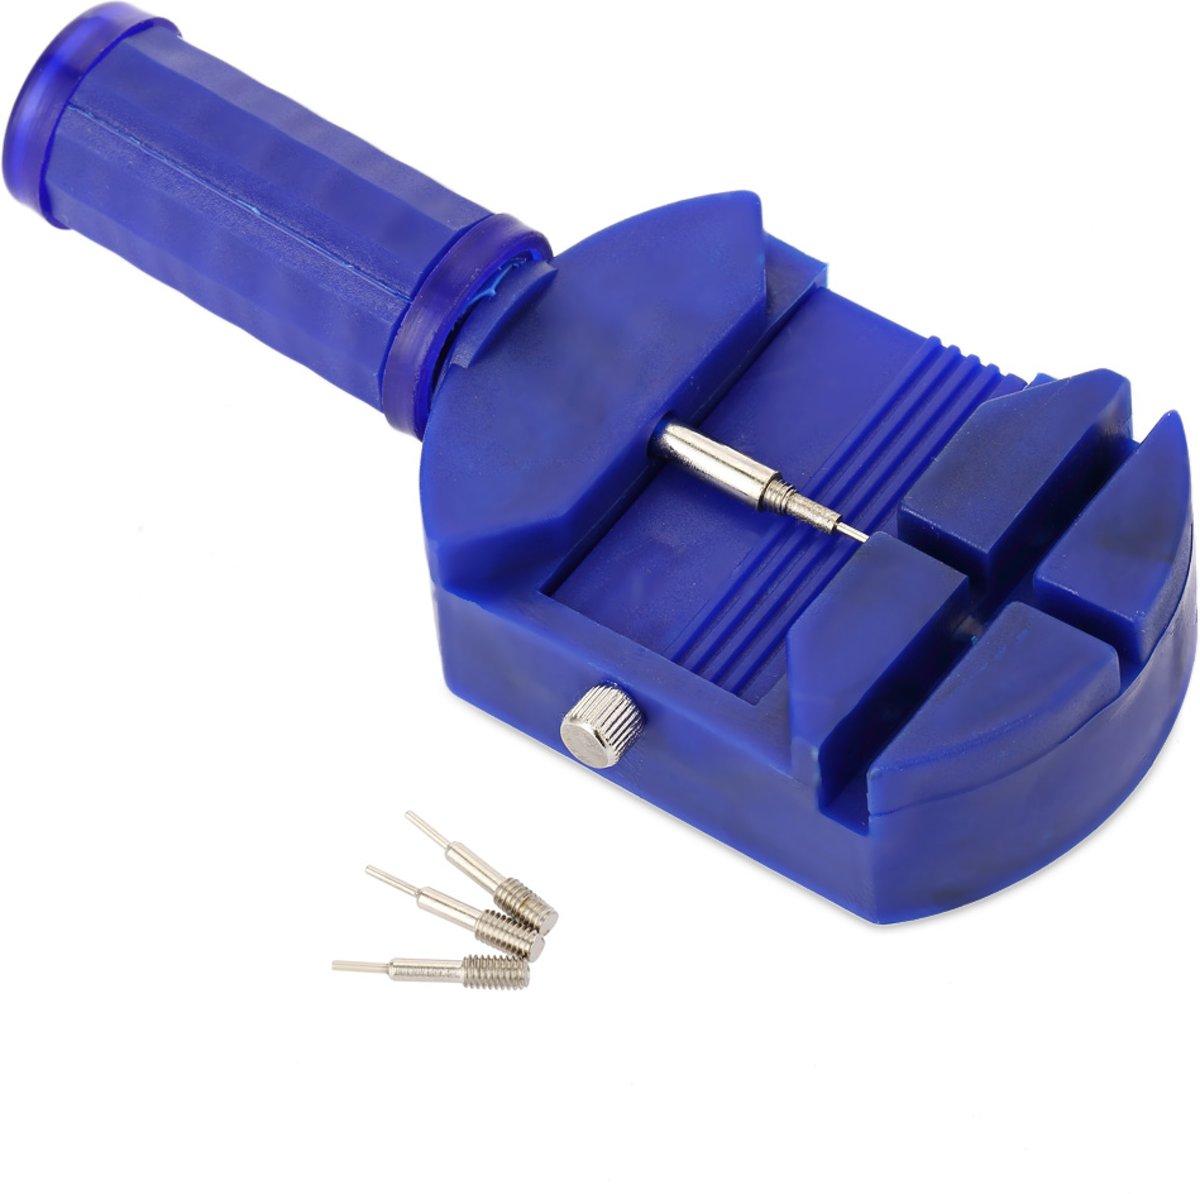 Horloge Band Inkorter + 3 Extra Doordruk Pinnen| Horloge Gereedschap | Blauw kopen